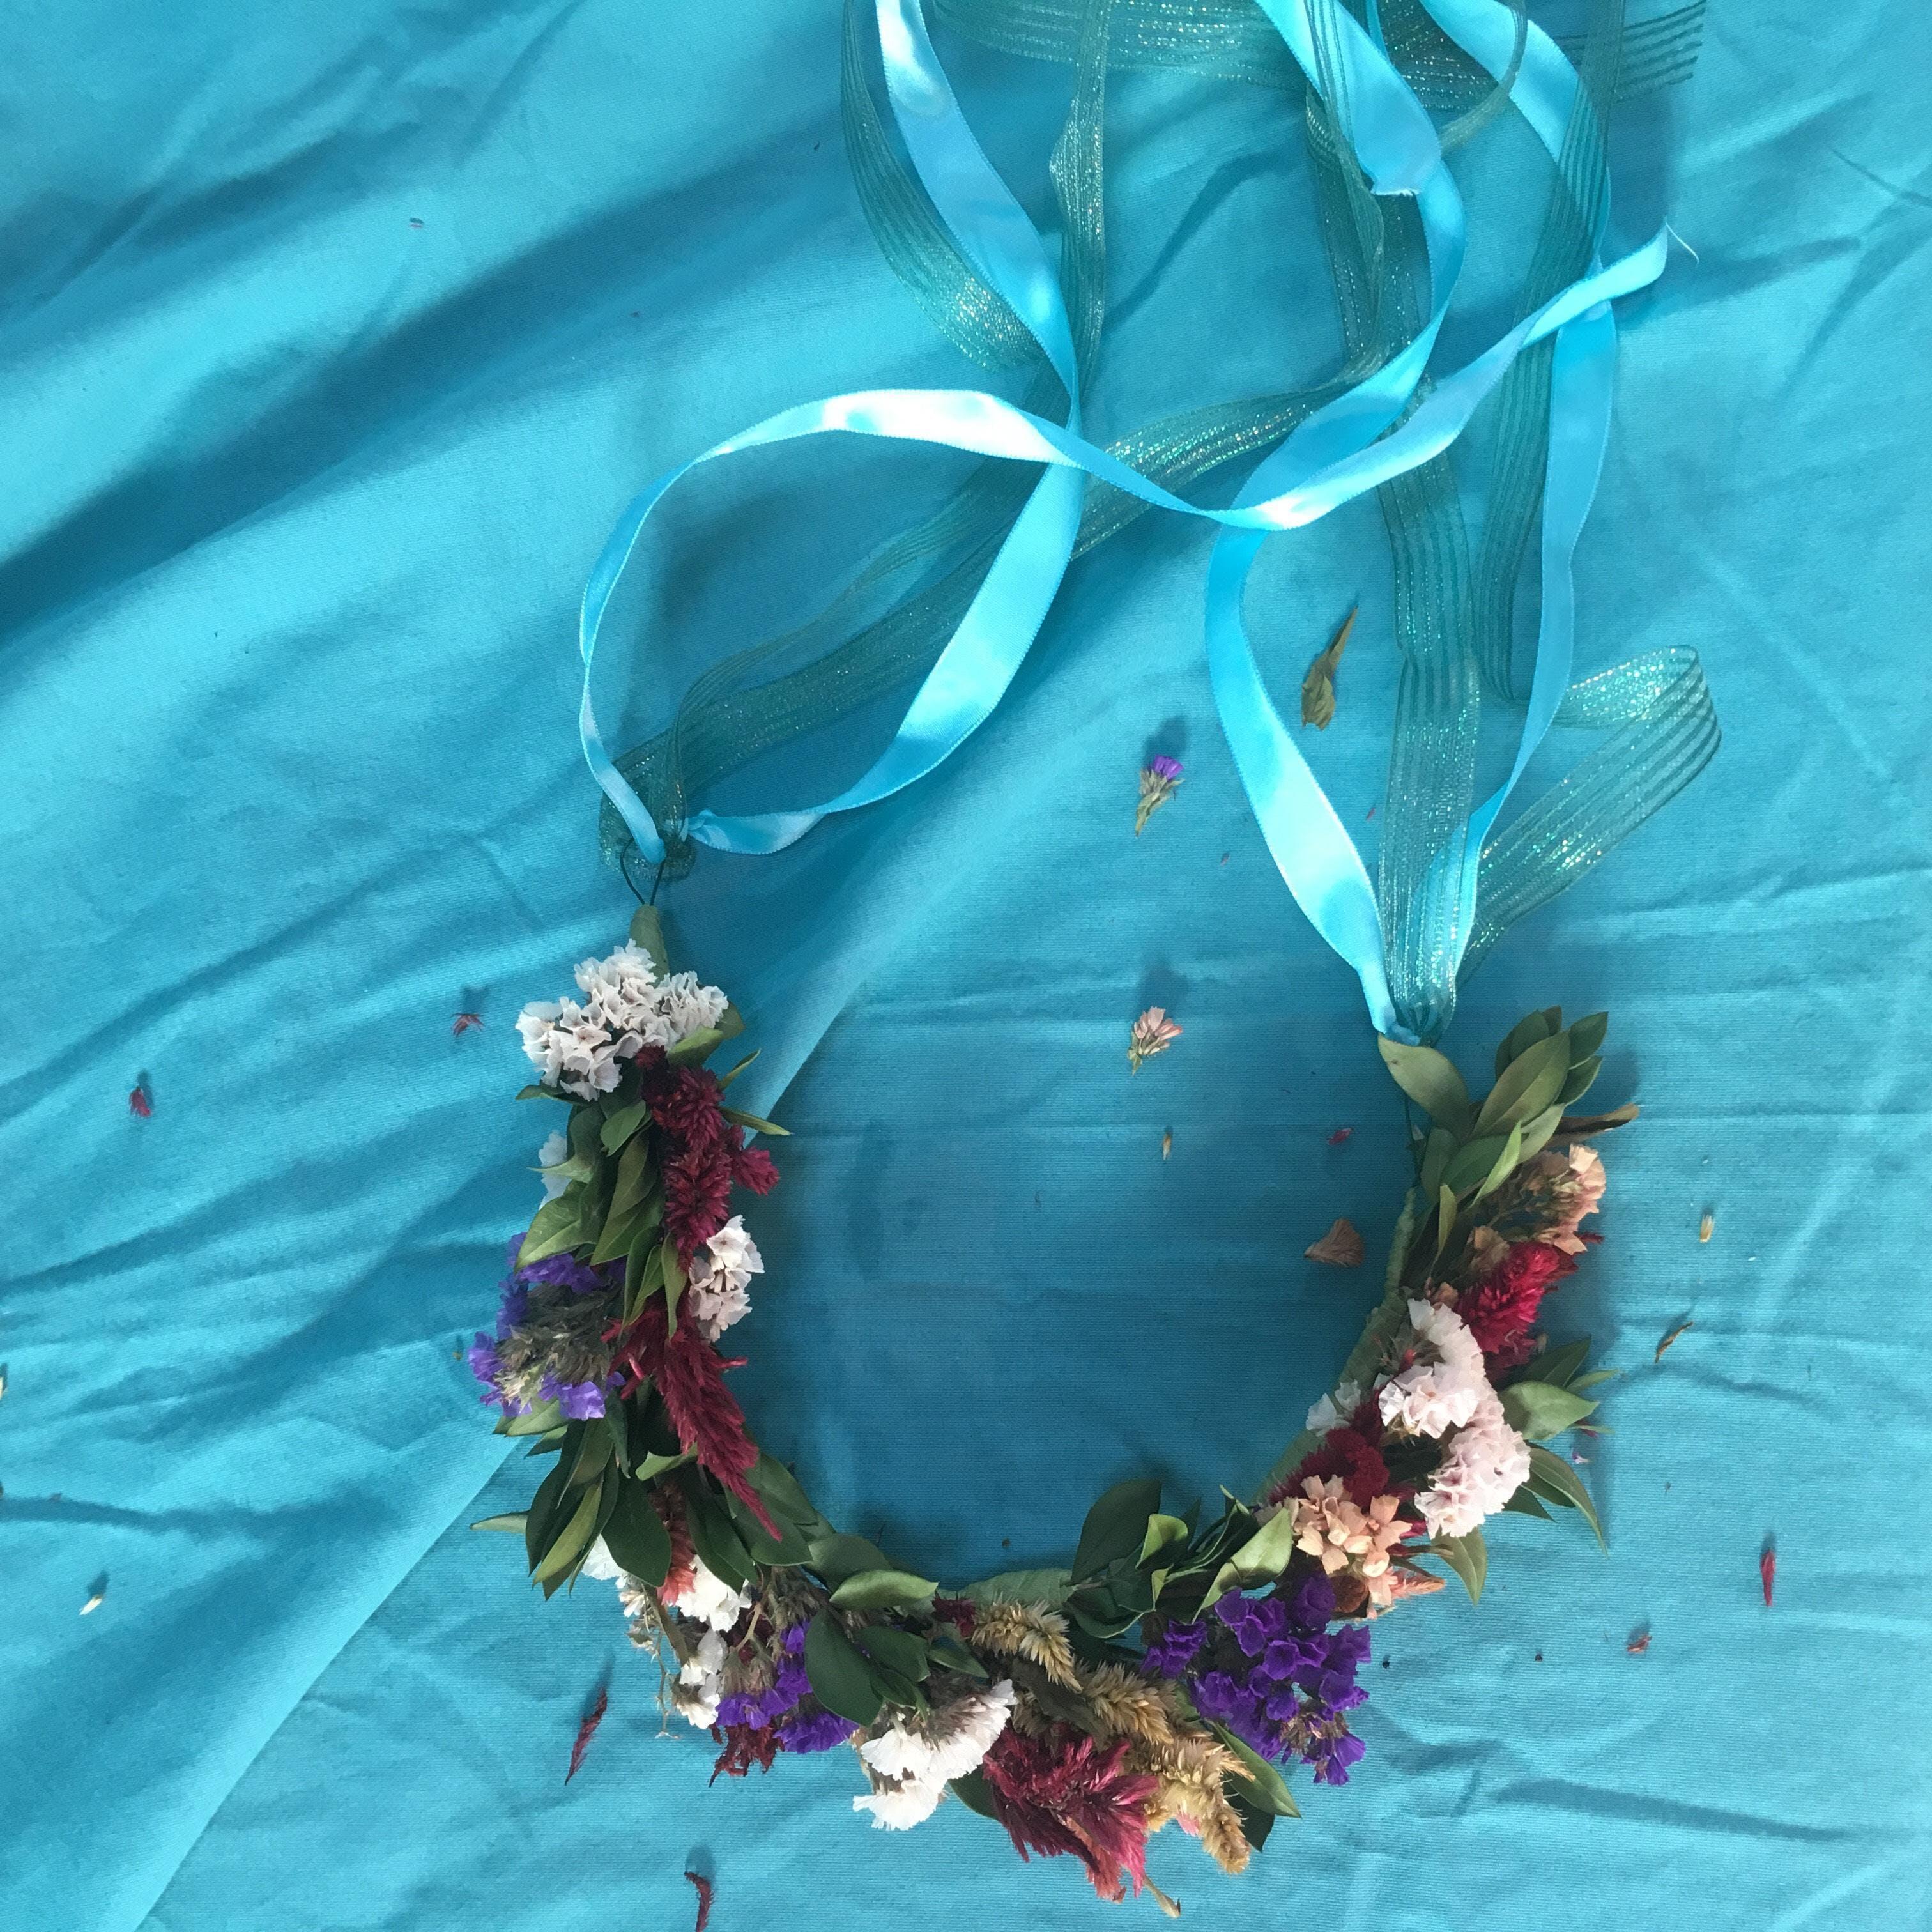 Flower Crowns Class At Boone Street Market Jonesborough